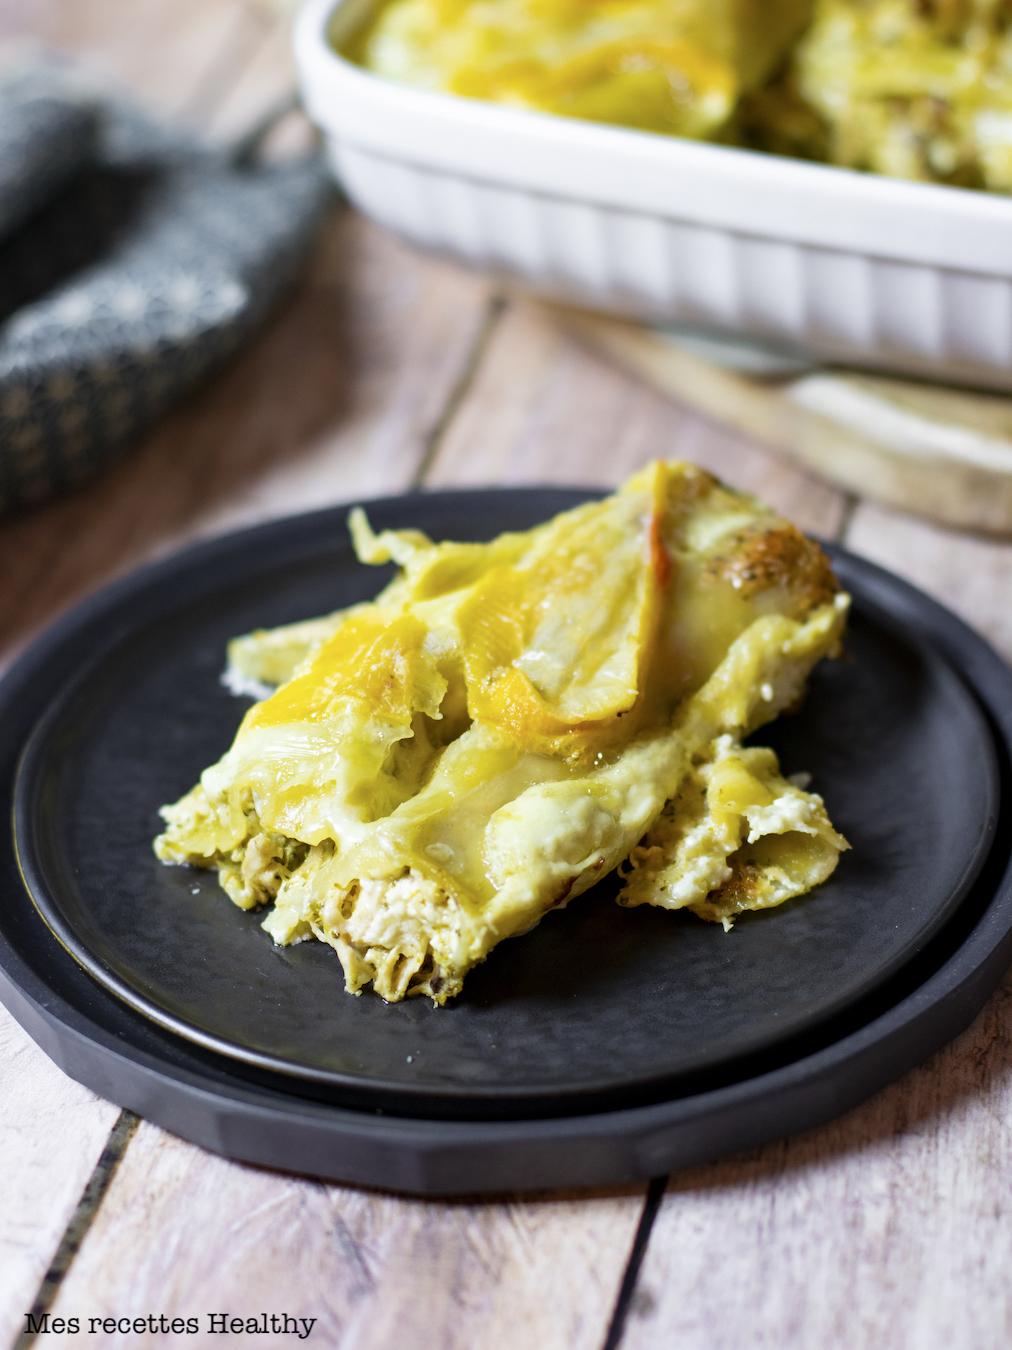 recette healthy-cannelloni-reblochon-fromage-poulet-brocolis